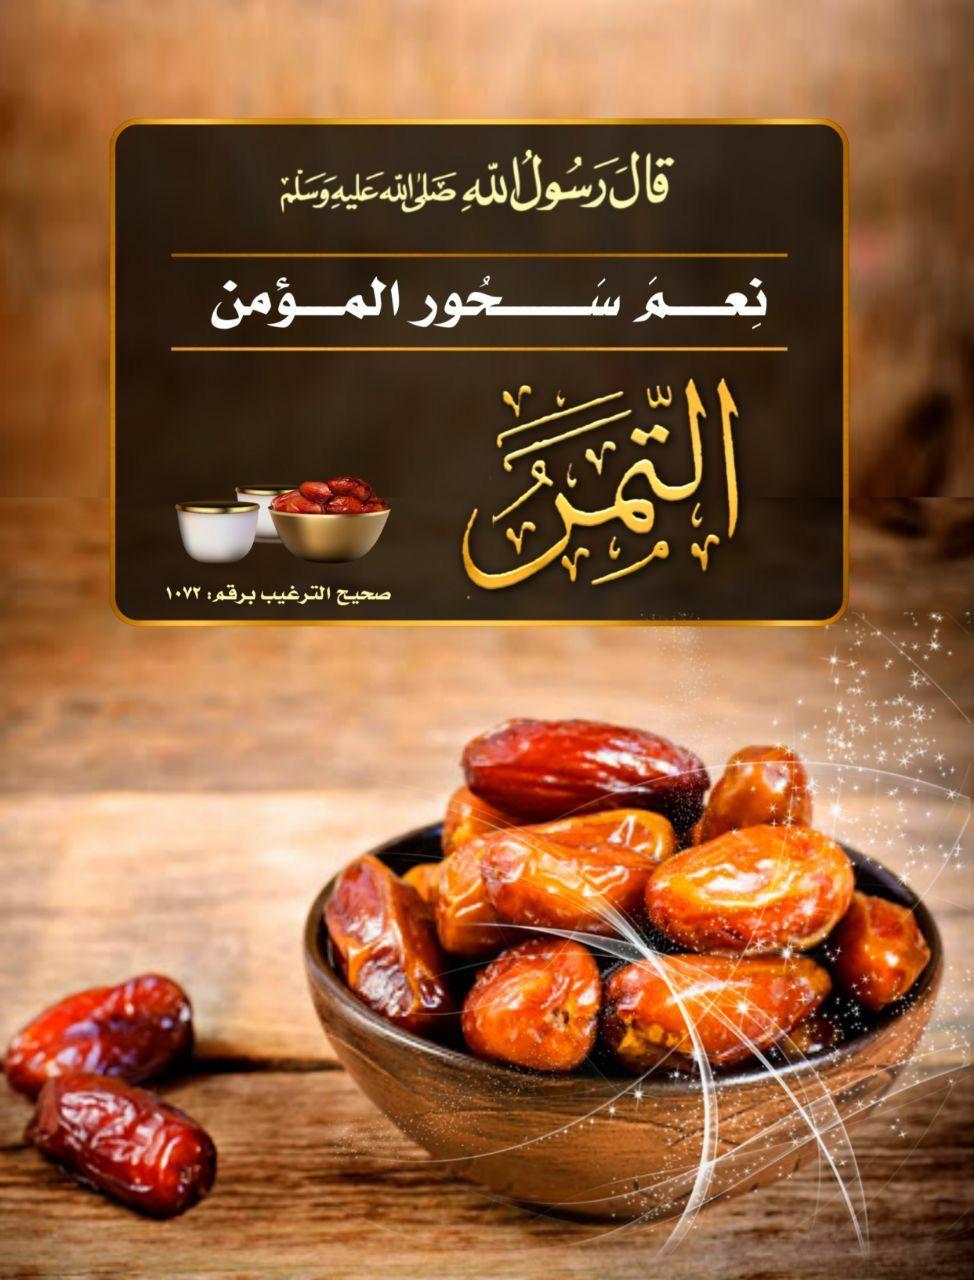 Pin By الأثر الجميل On أحاديث نبوية Ramadan Ahadith Ramadan Decorations